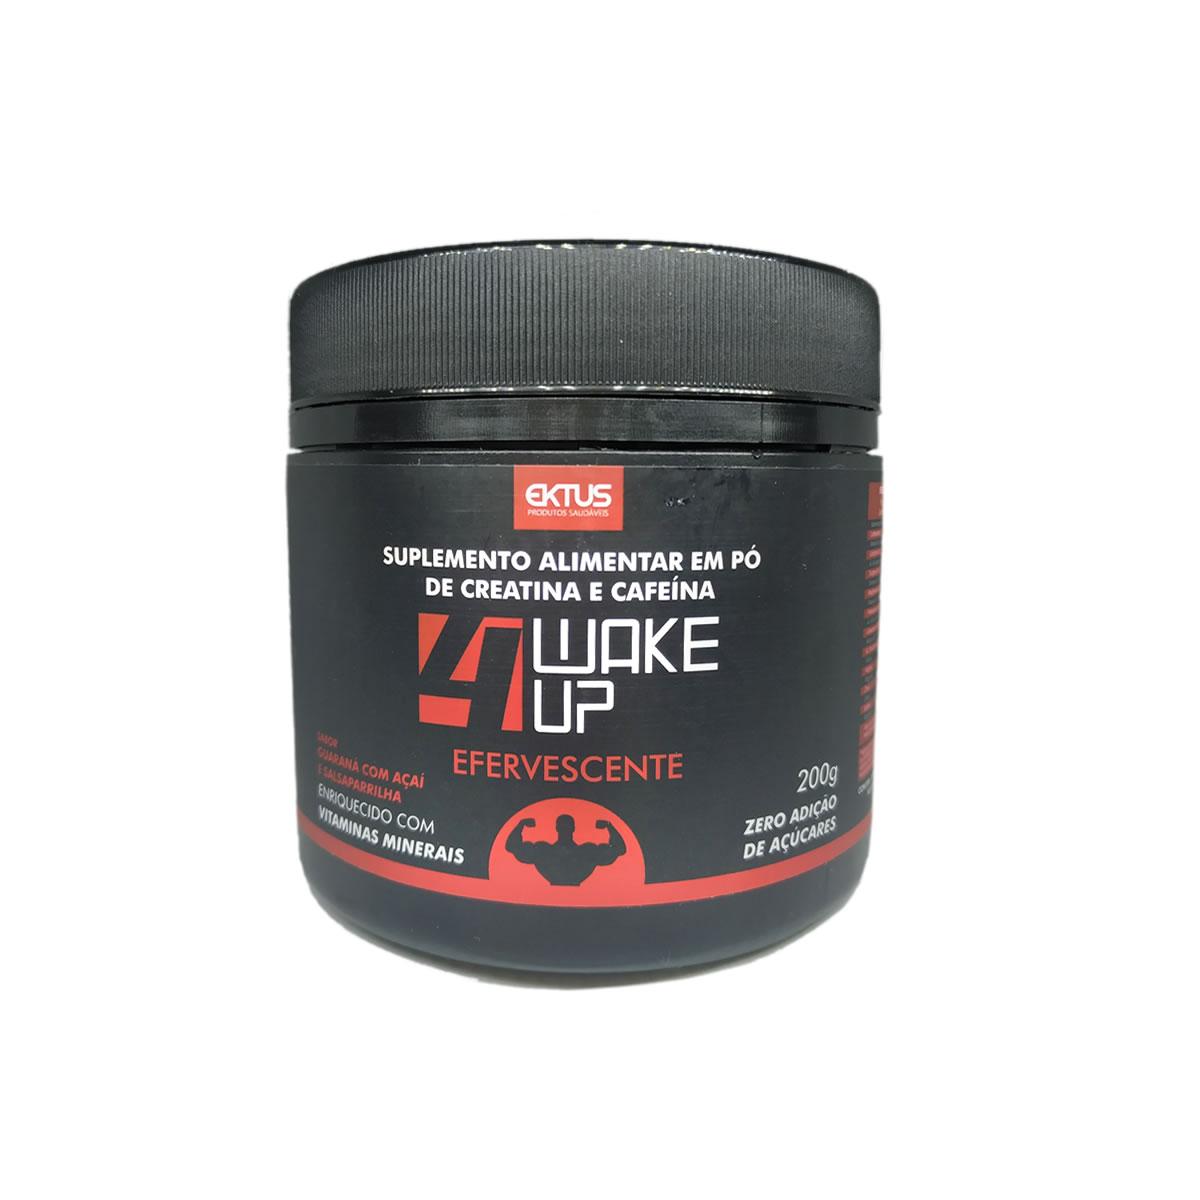 Creatina e Cafeína 4 Wake Up Sabor Guaraná com Açaí 200g - Ektus